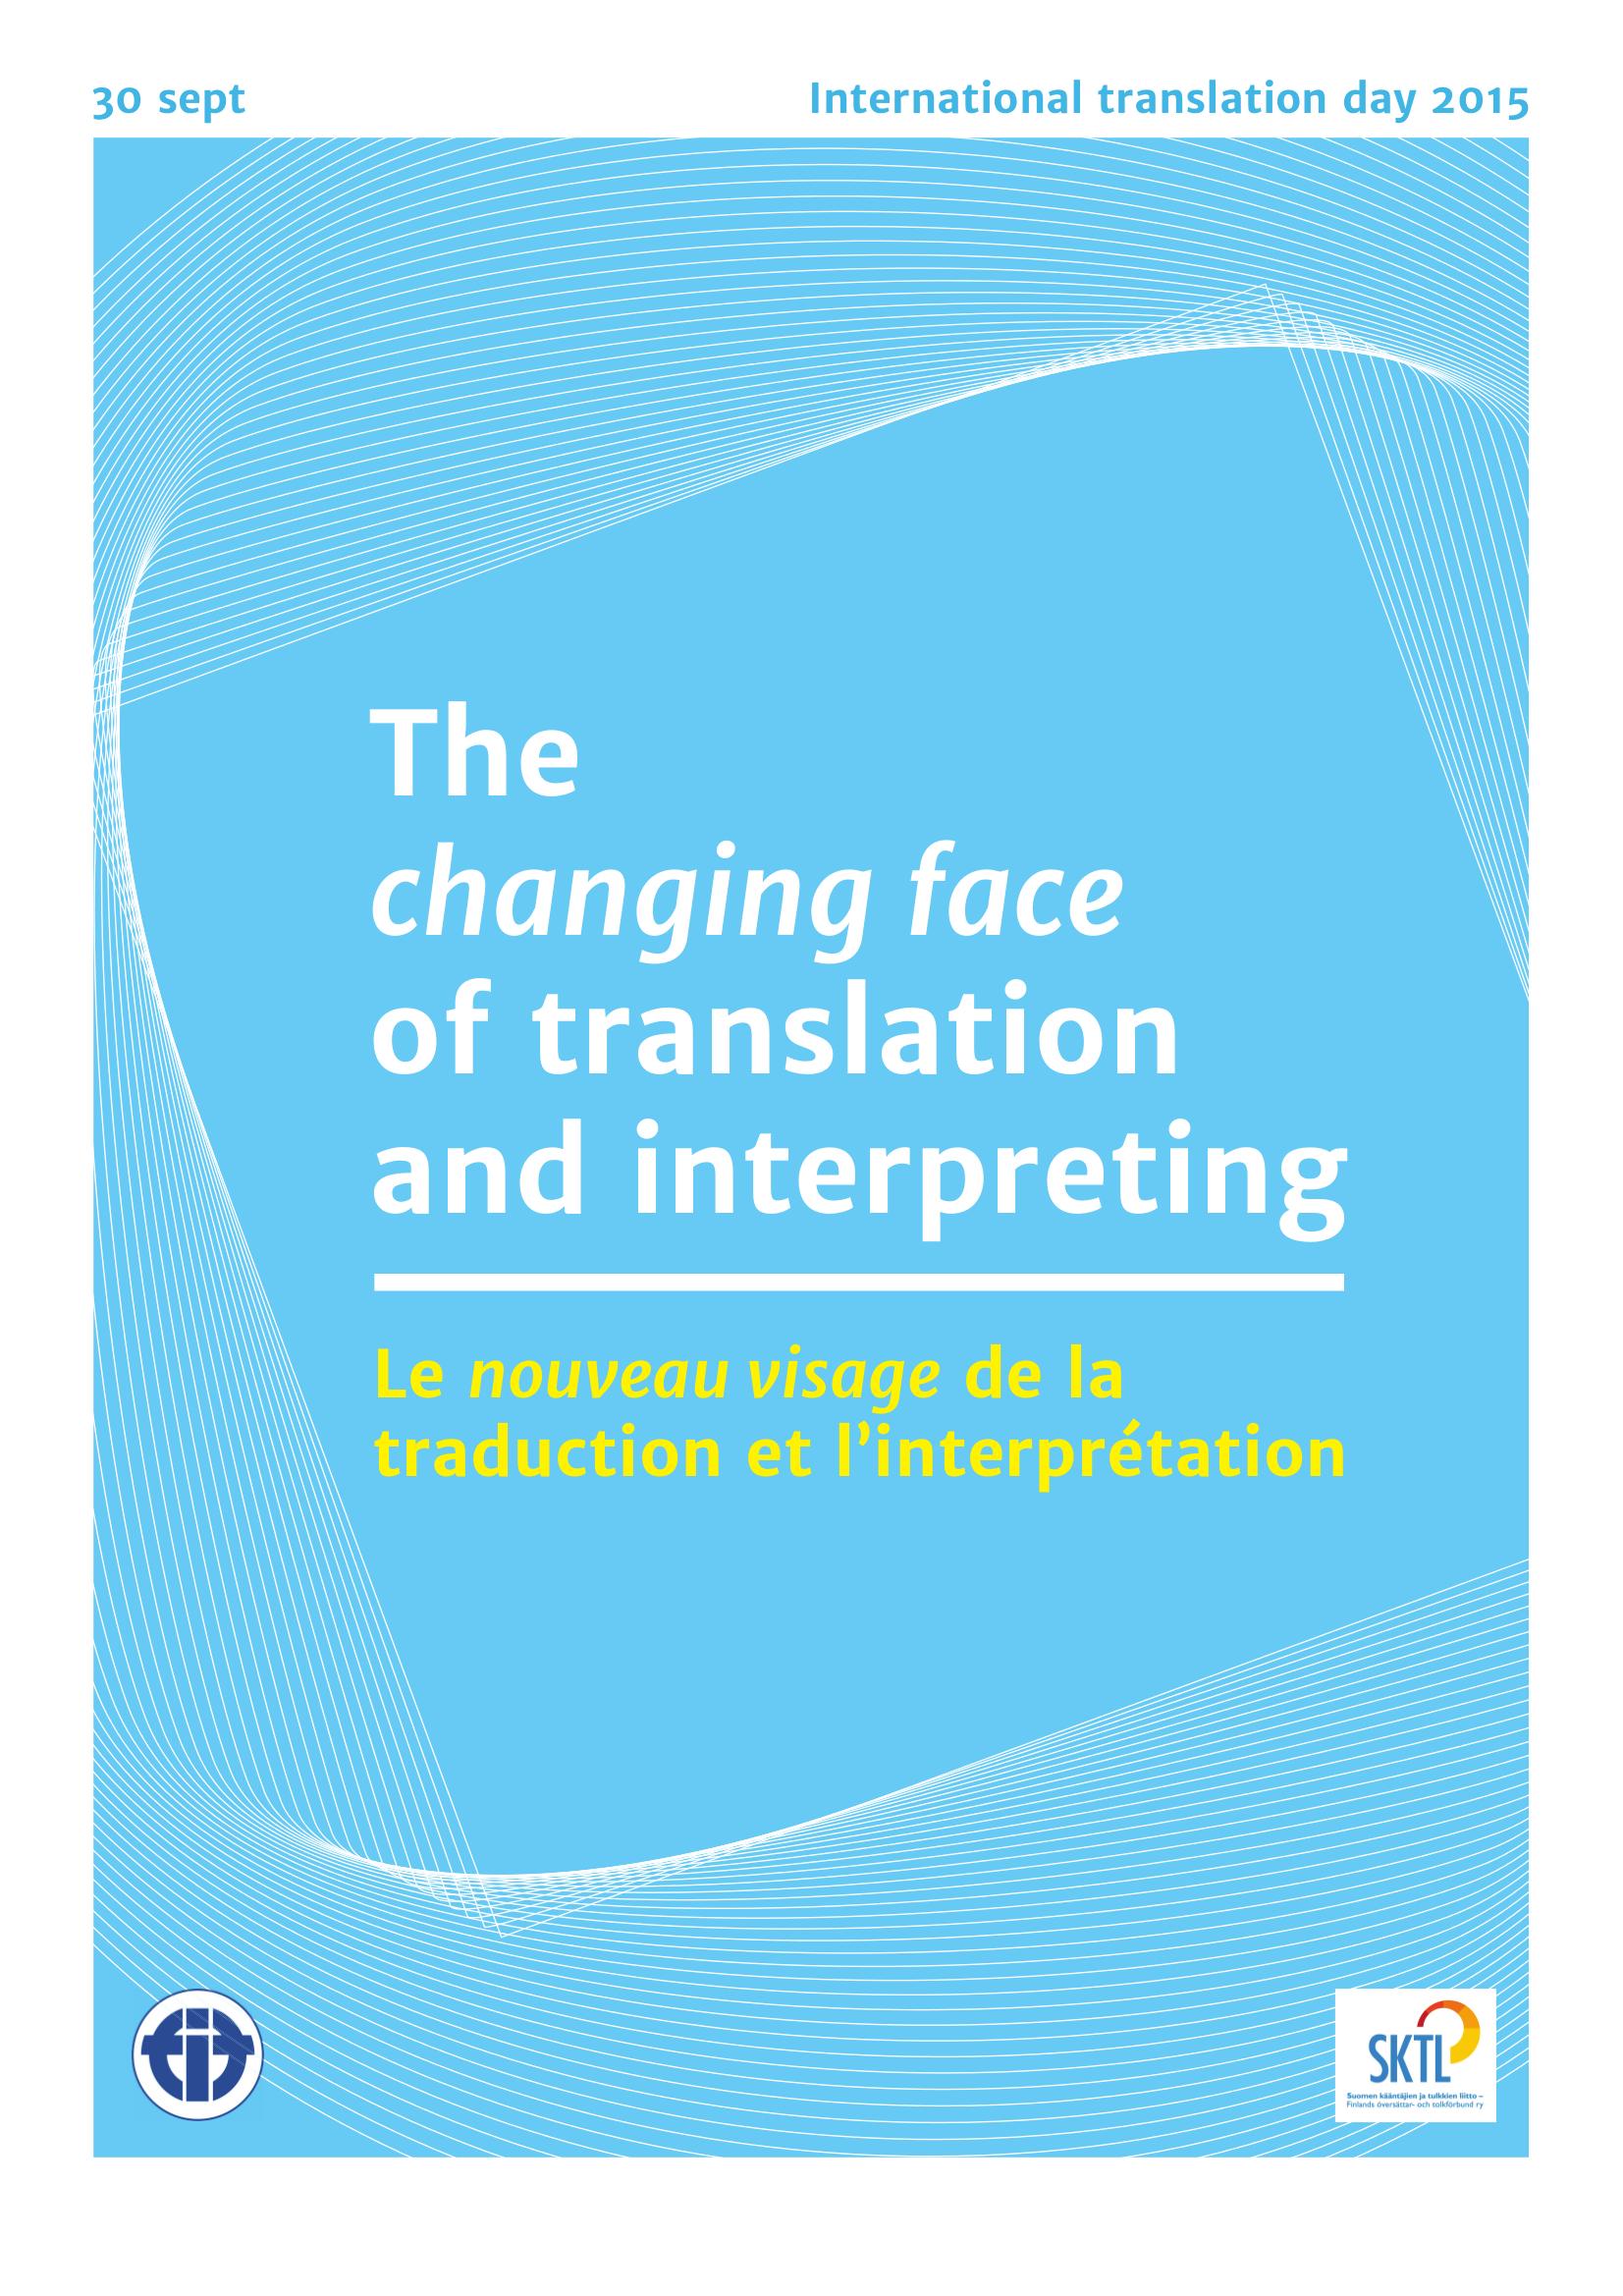 Journée mondiale de la traduction 2015